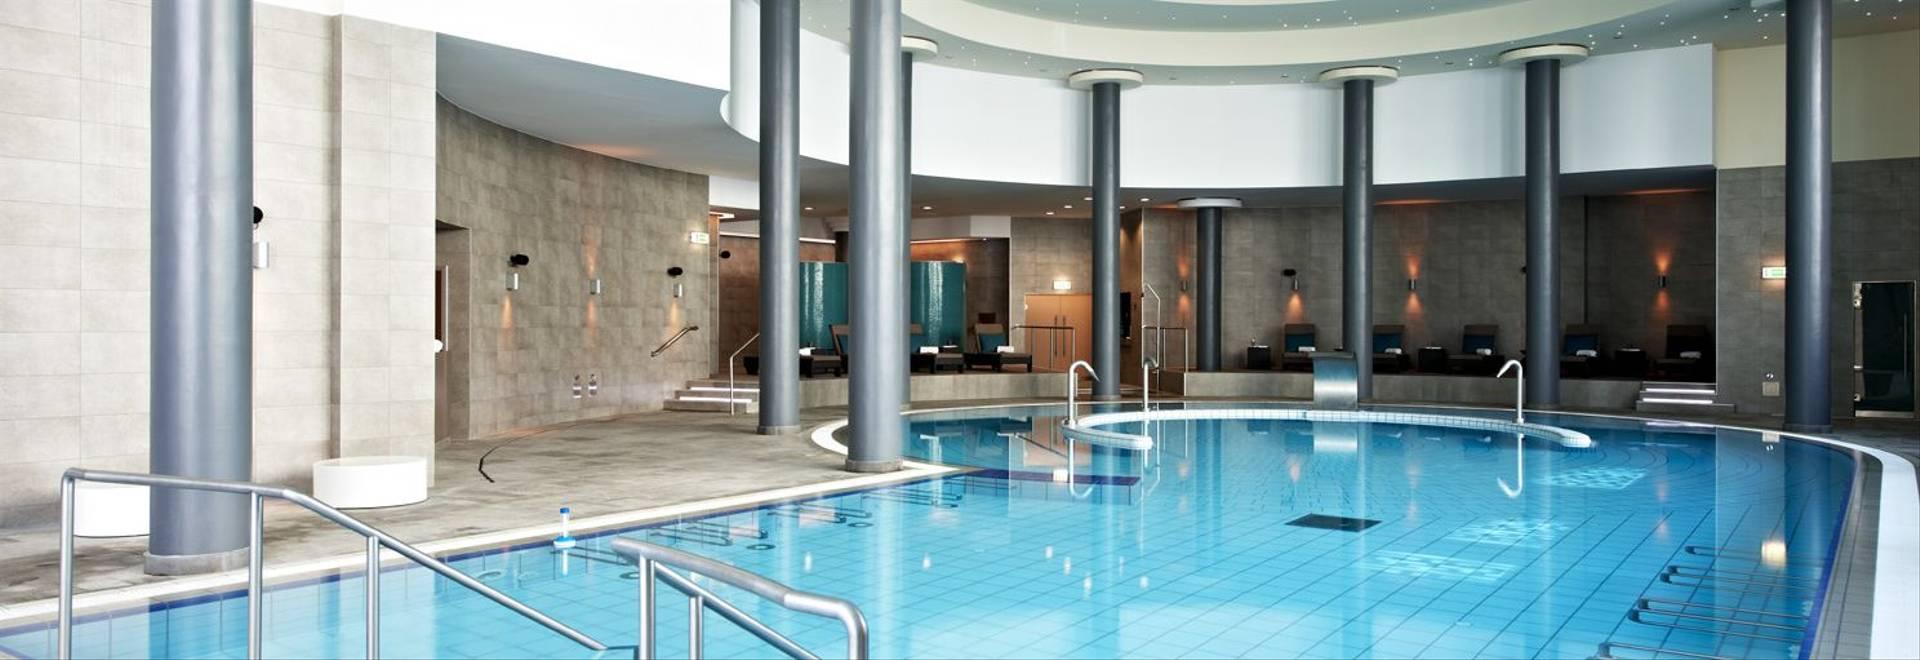 Palacio-Estoril-indoor-pool-wide.jpg